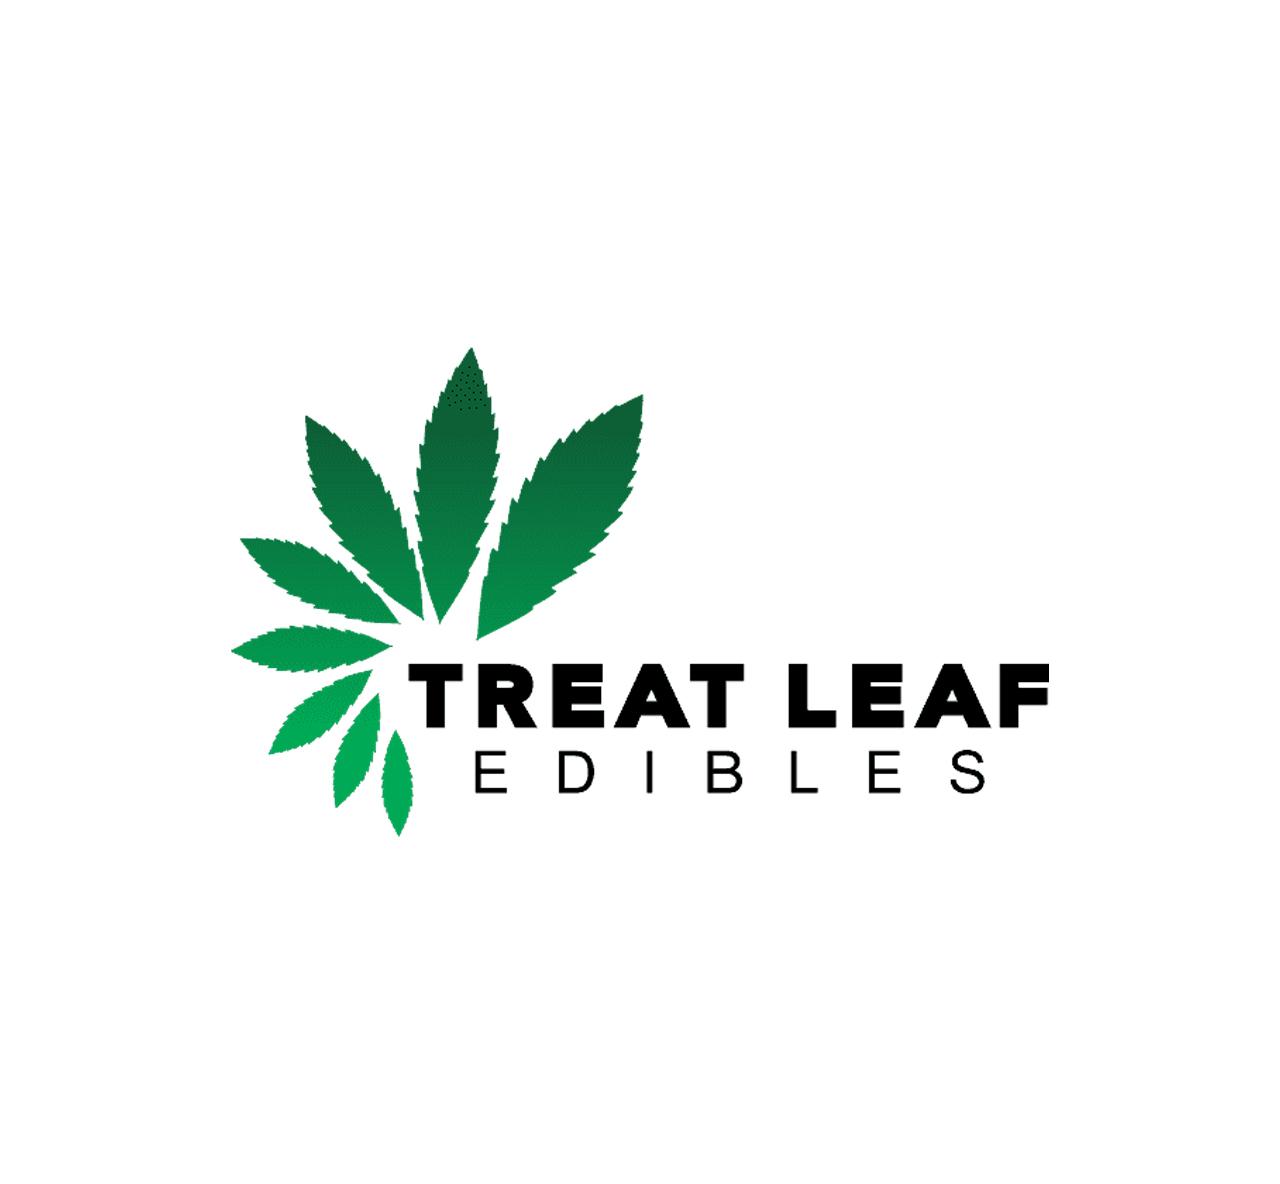 Treat Leaf Edibles